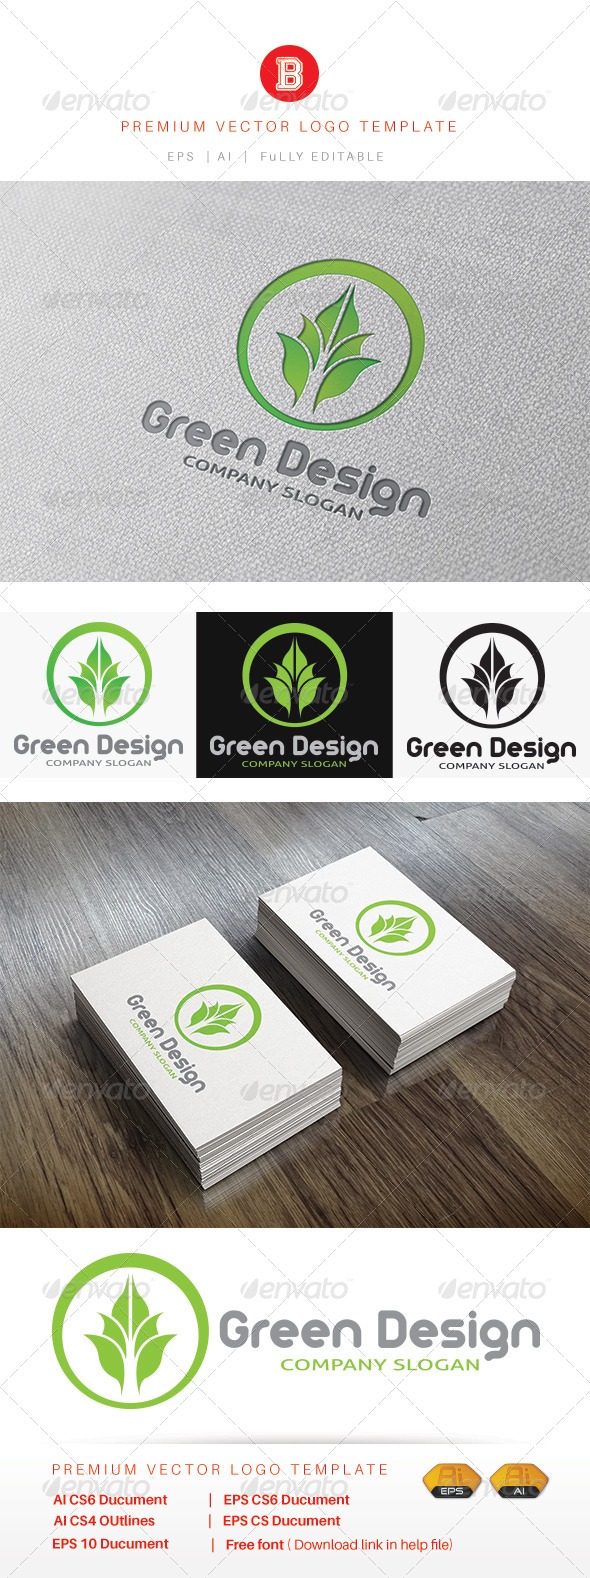 GraphicRiver Green Design 8422903